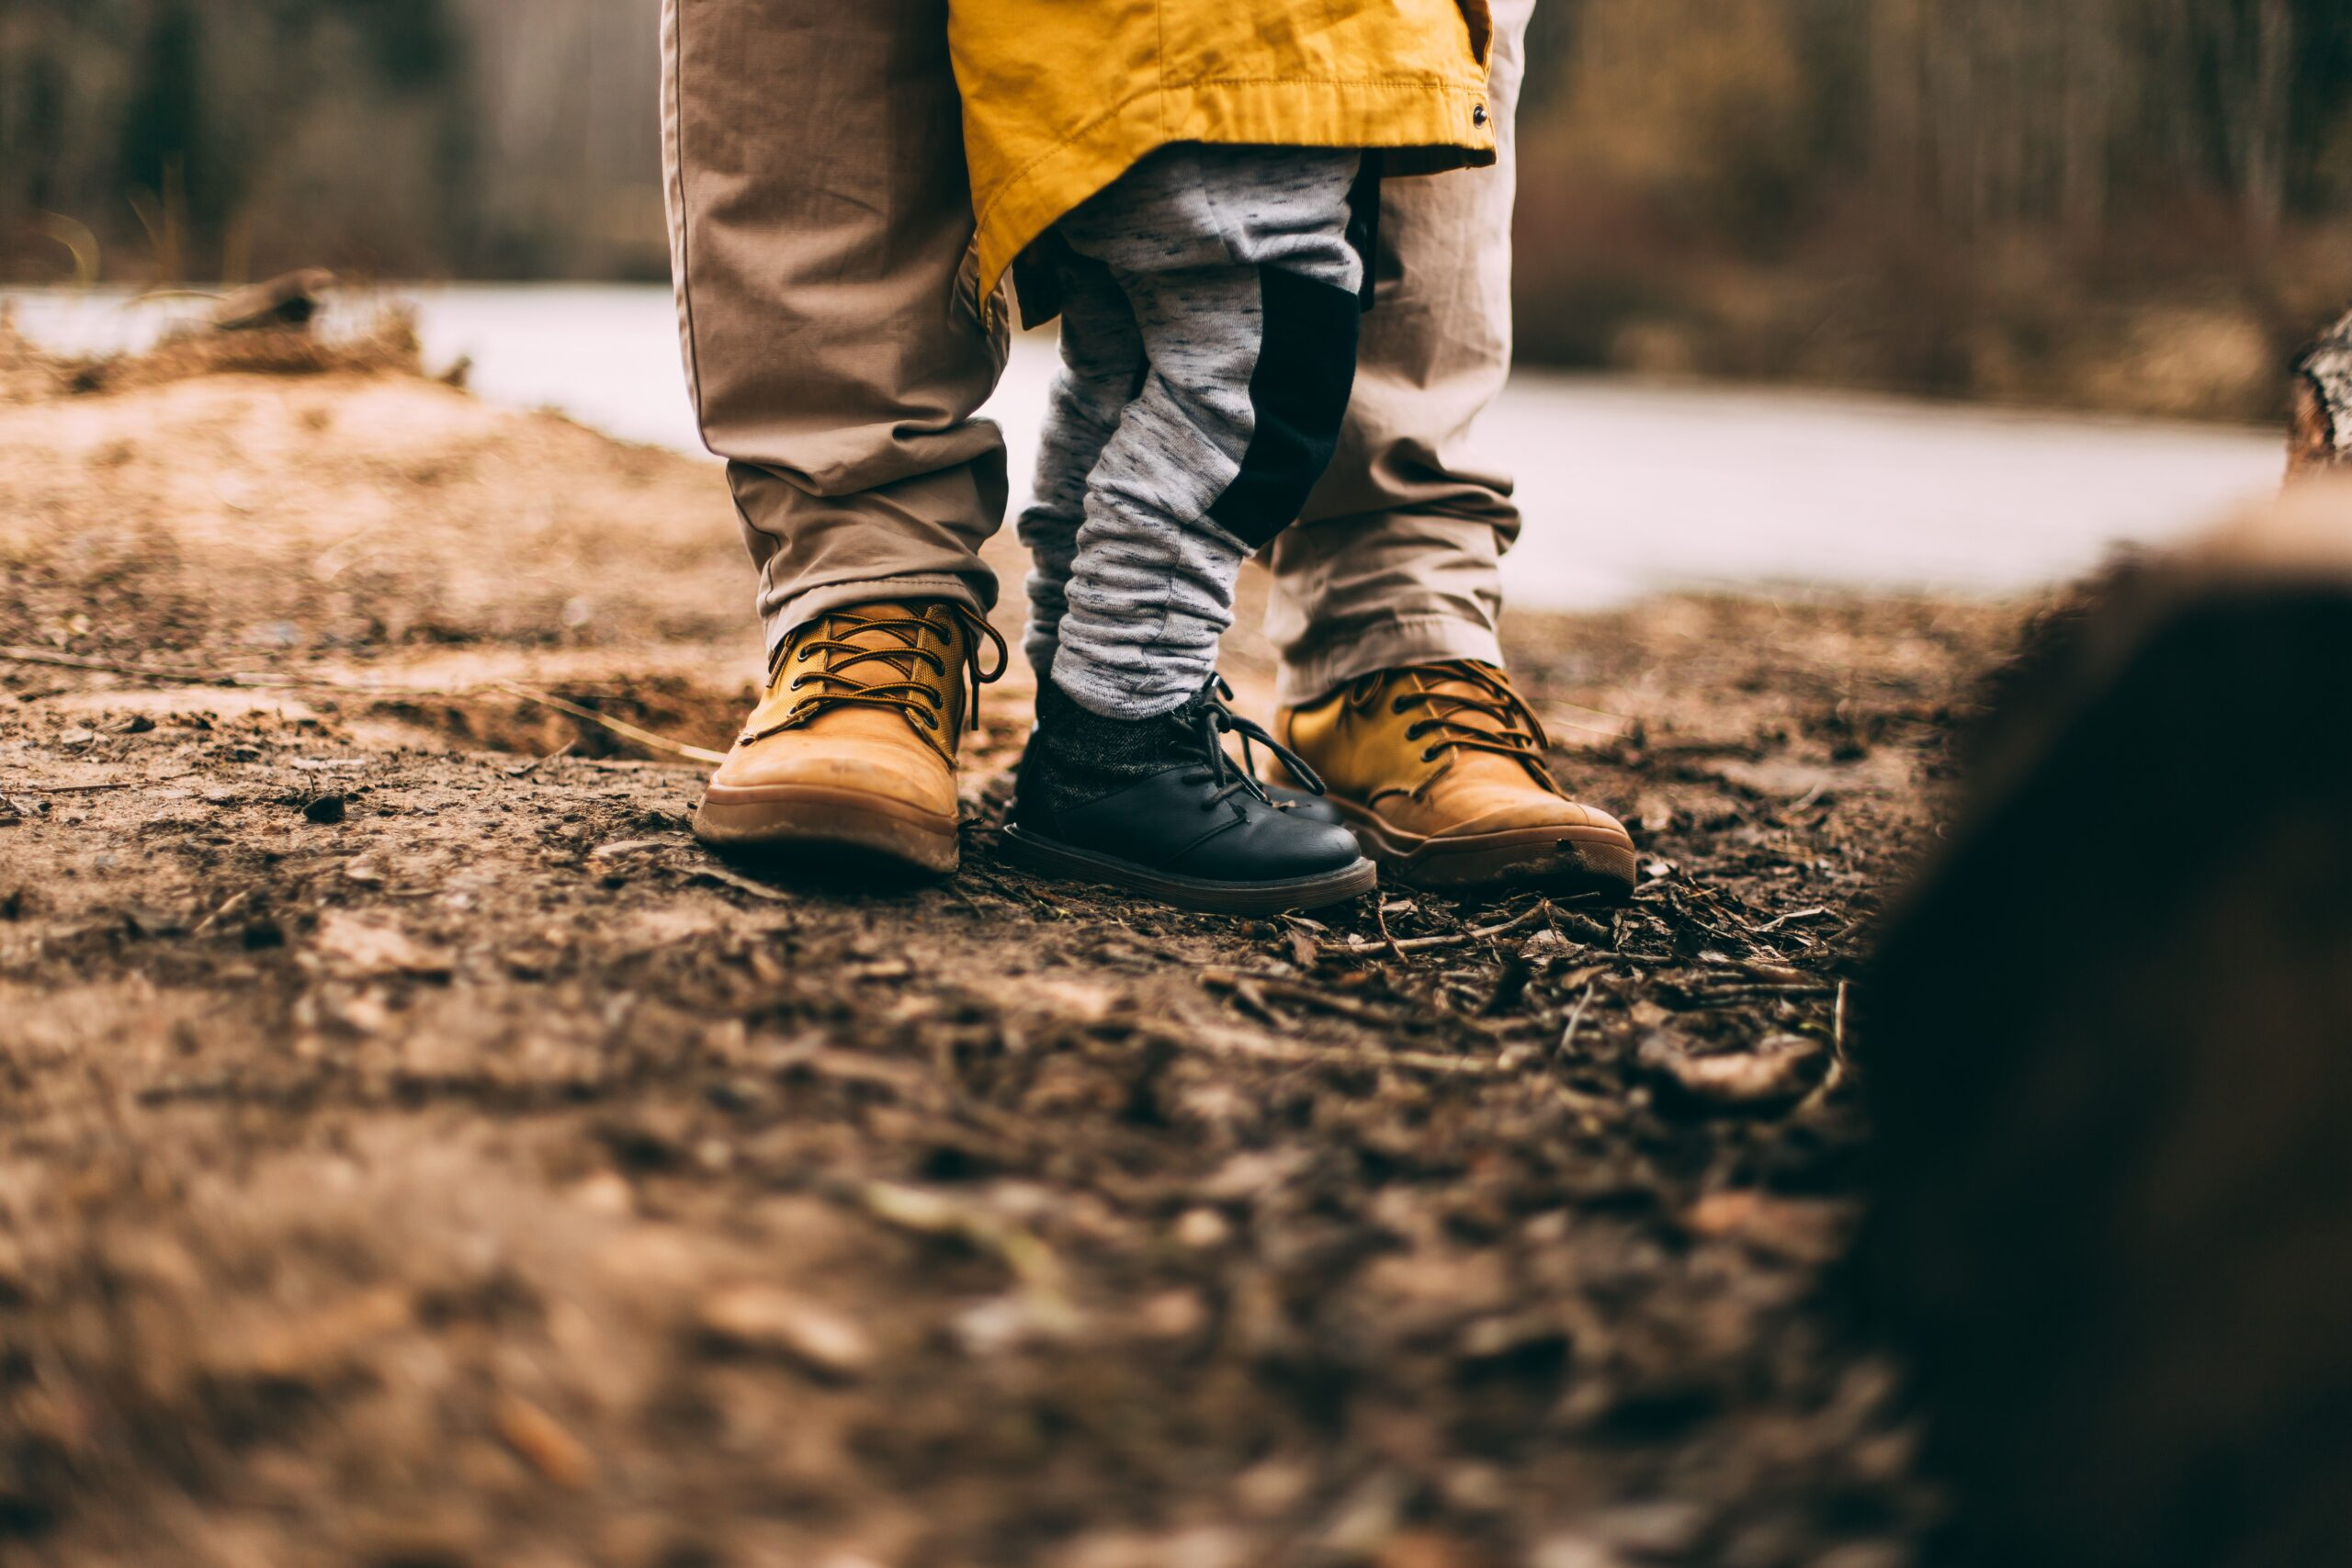 Konsekwencje odmowy przeprowadzenia dowodu z badania krwi w sprawie o ustalenie ojcostwa